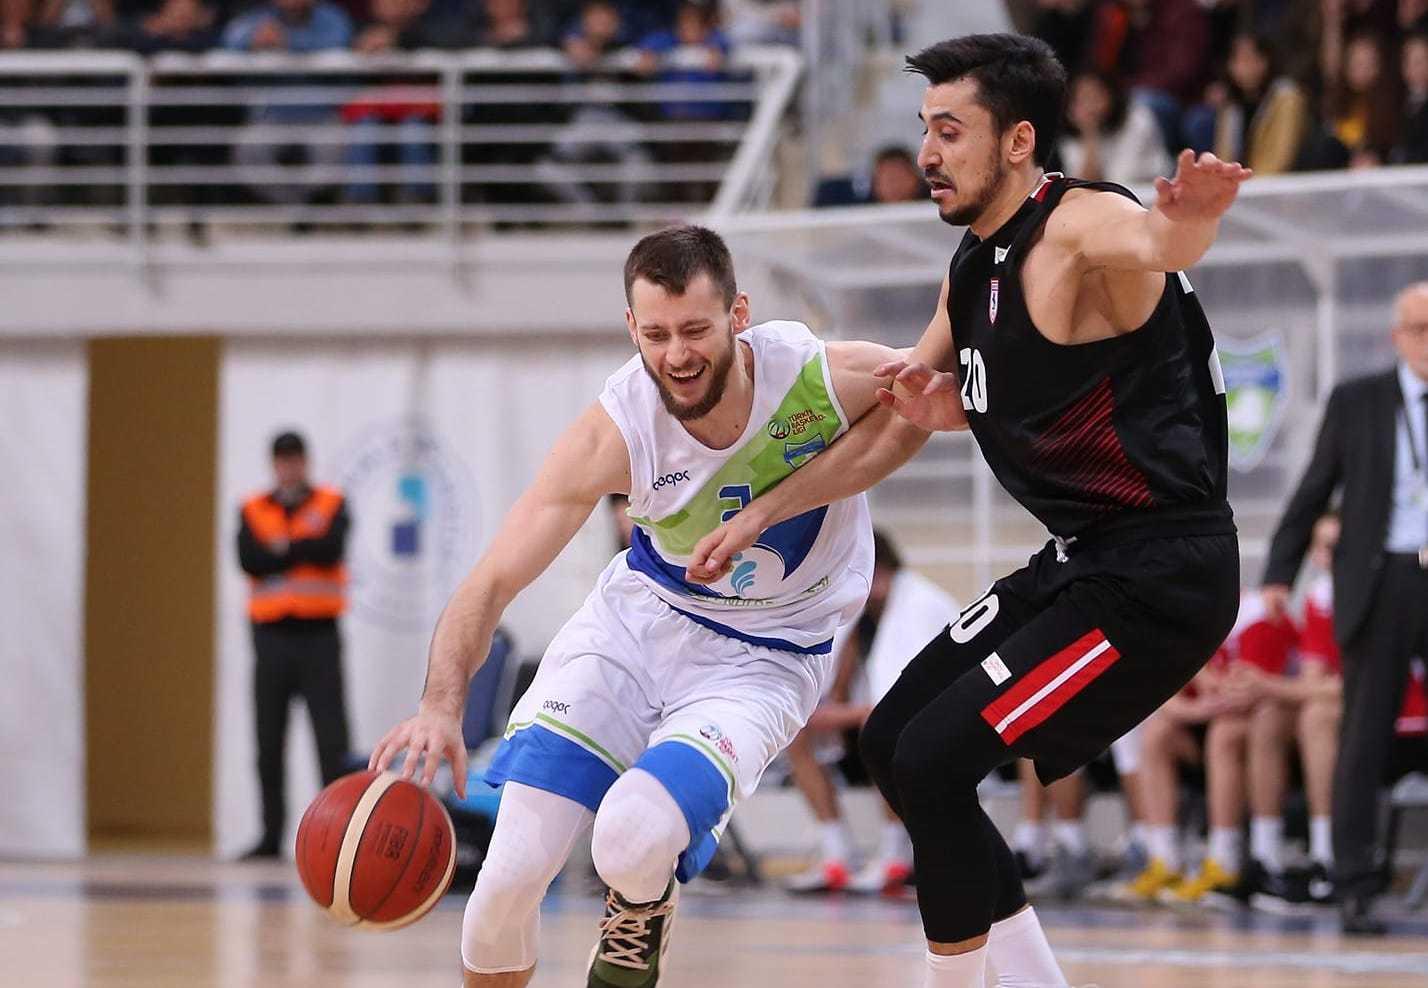 Олександр Мішула: в Туреччині тренер довіряв мені складні моменти